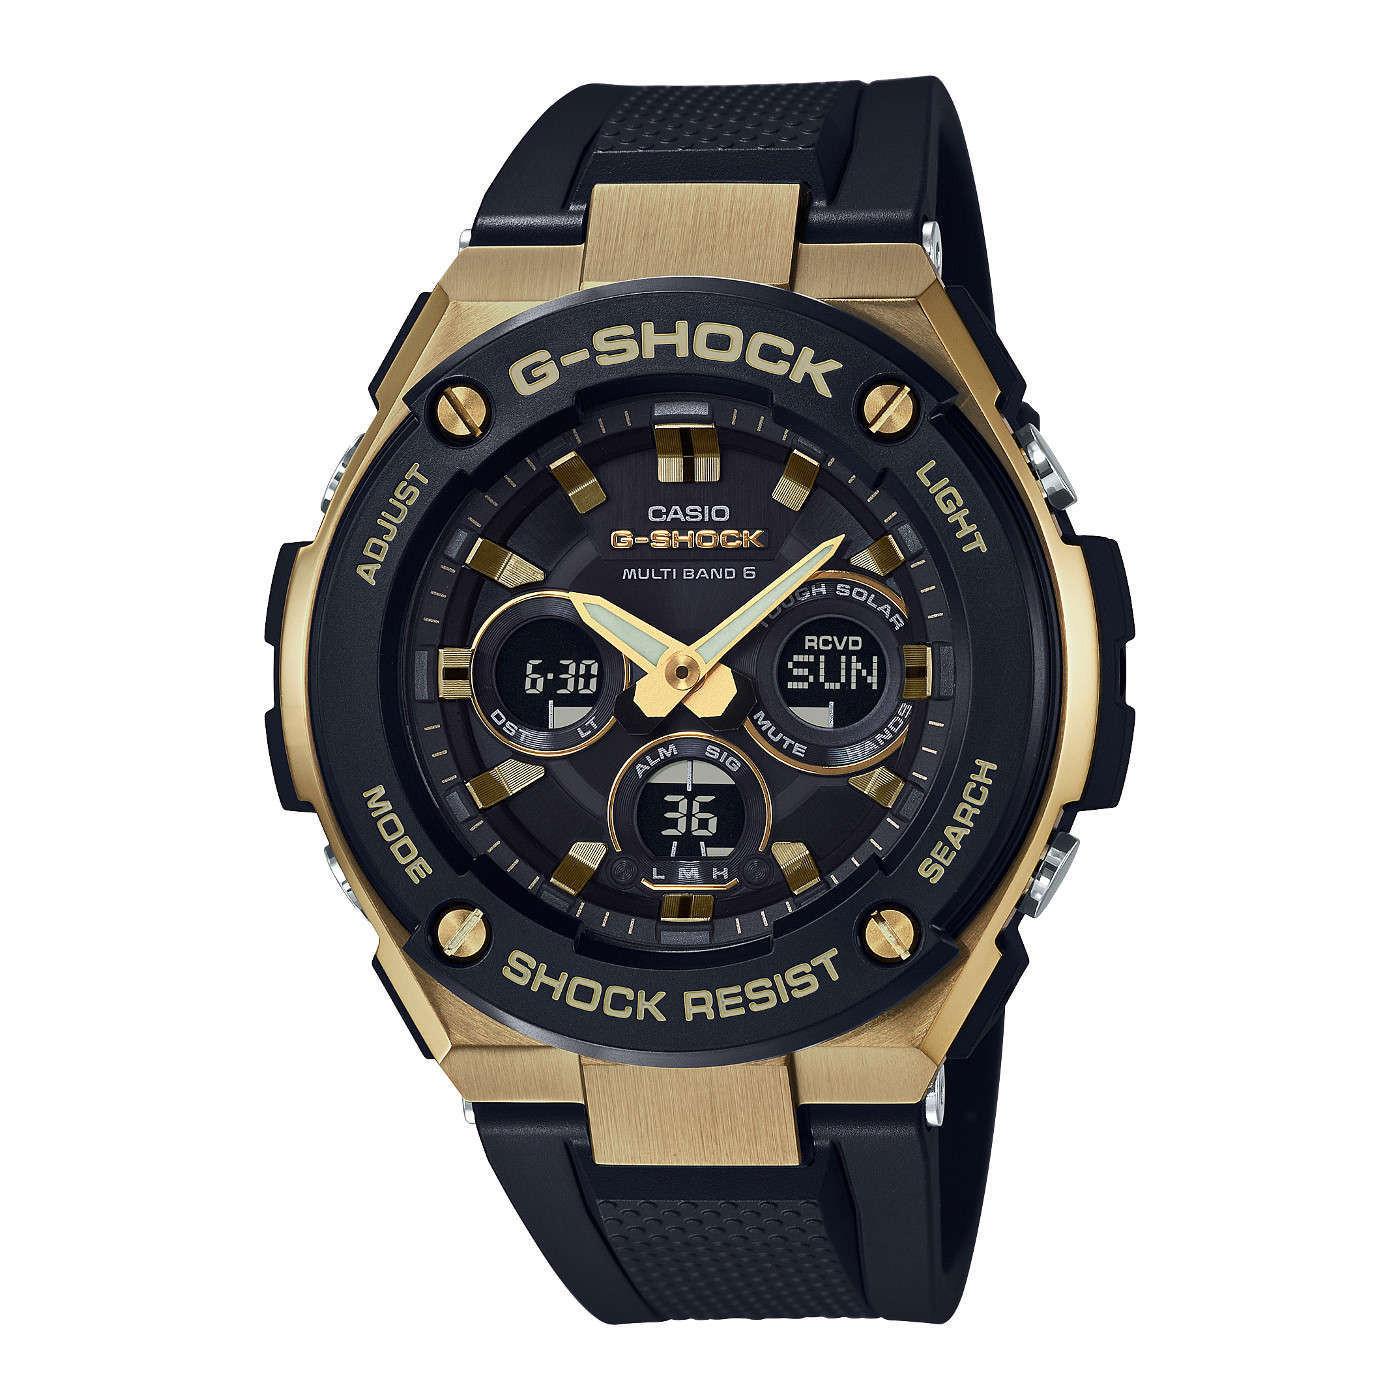 Casio G-Shock horloge GST-W300G-1A9ER